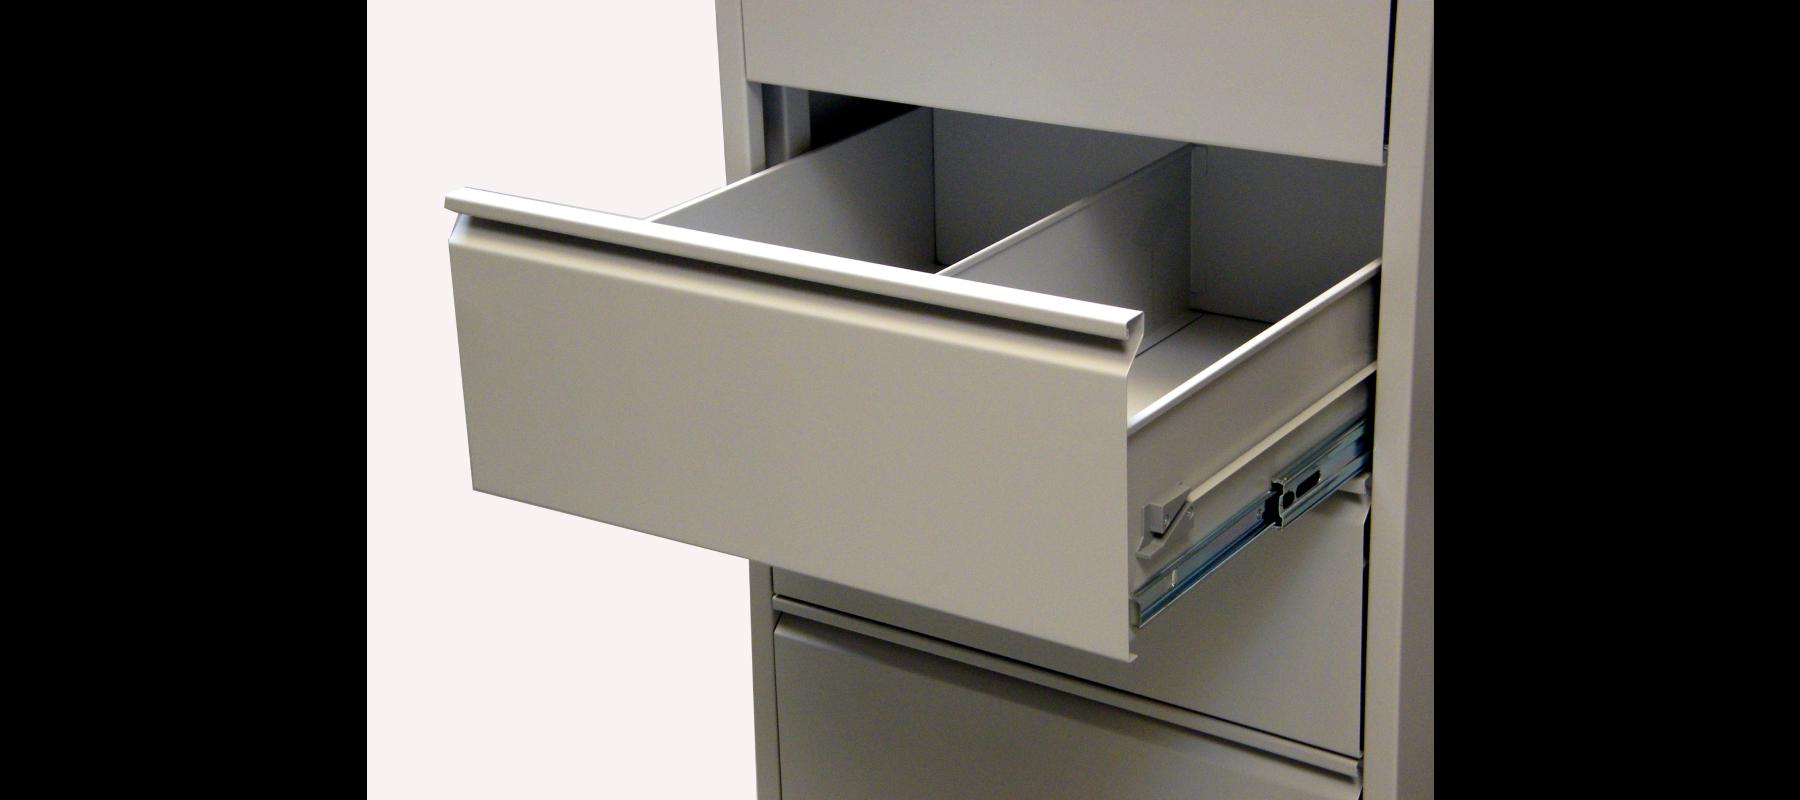 meble metalowe metalowe meble biurowe szafy szufladowe mw detale - 03